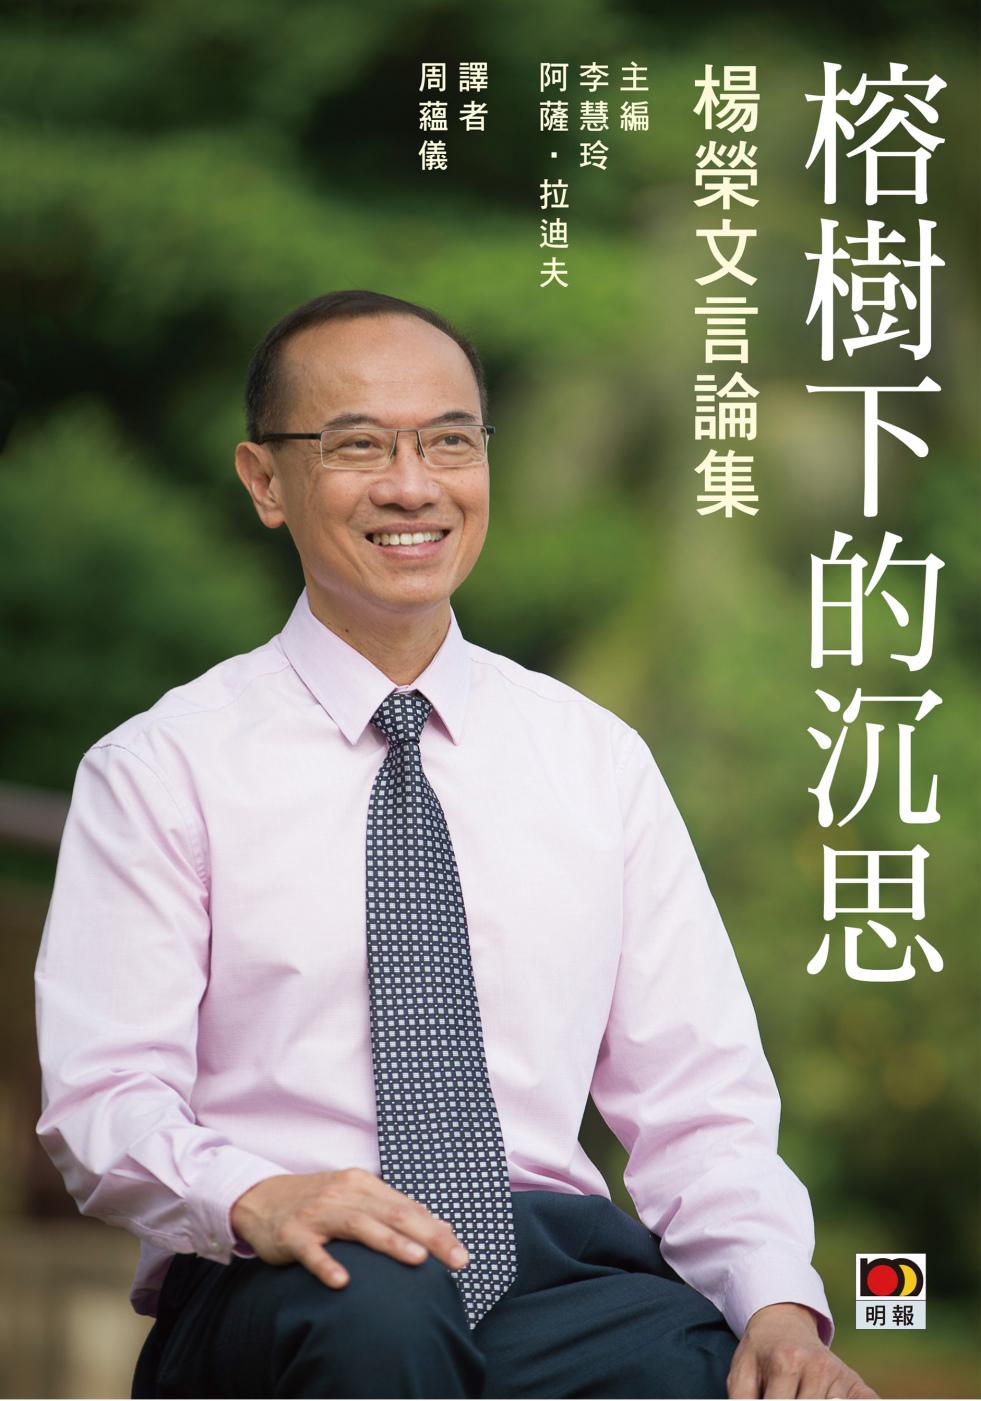 榕樹下的沉思:楊榮文言論集